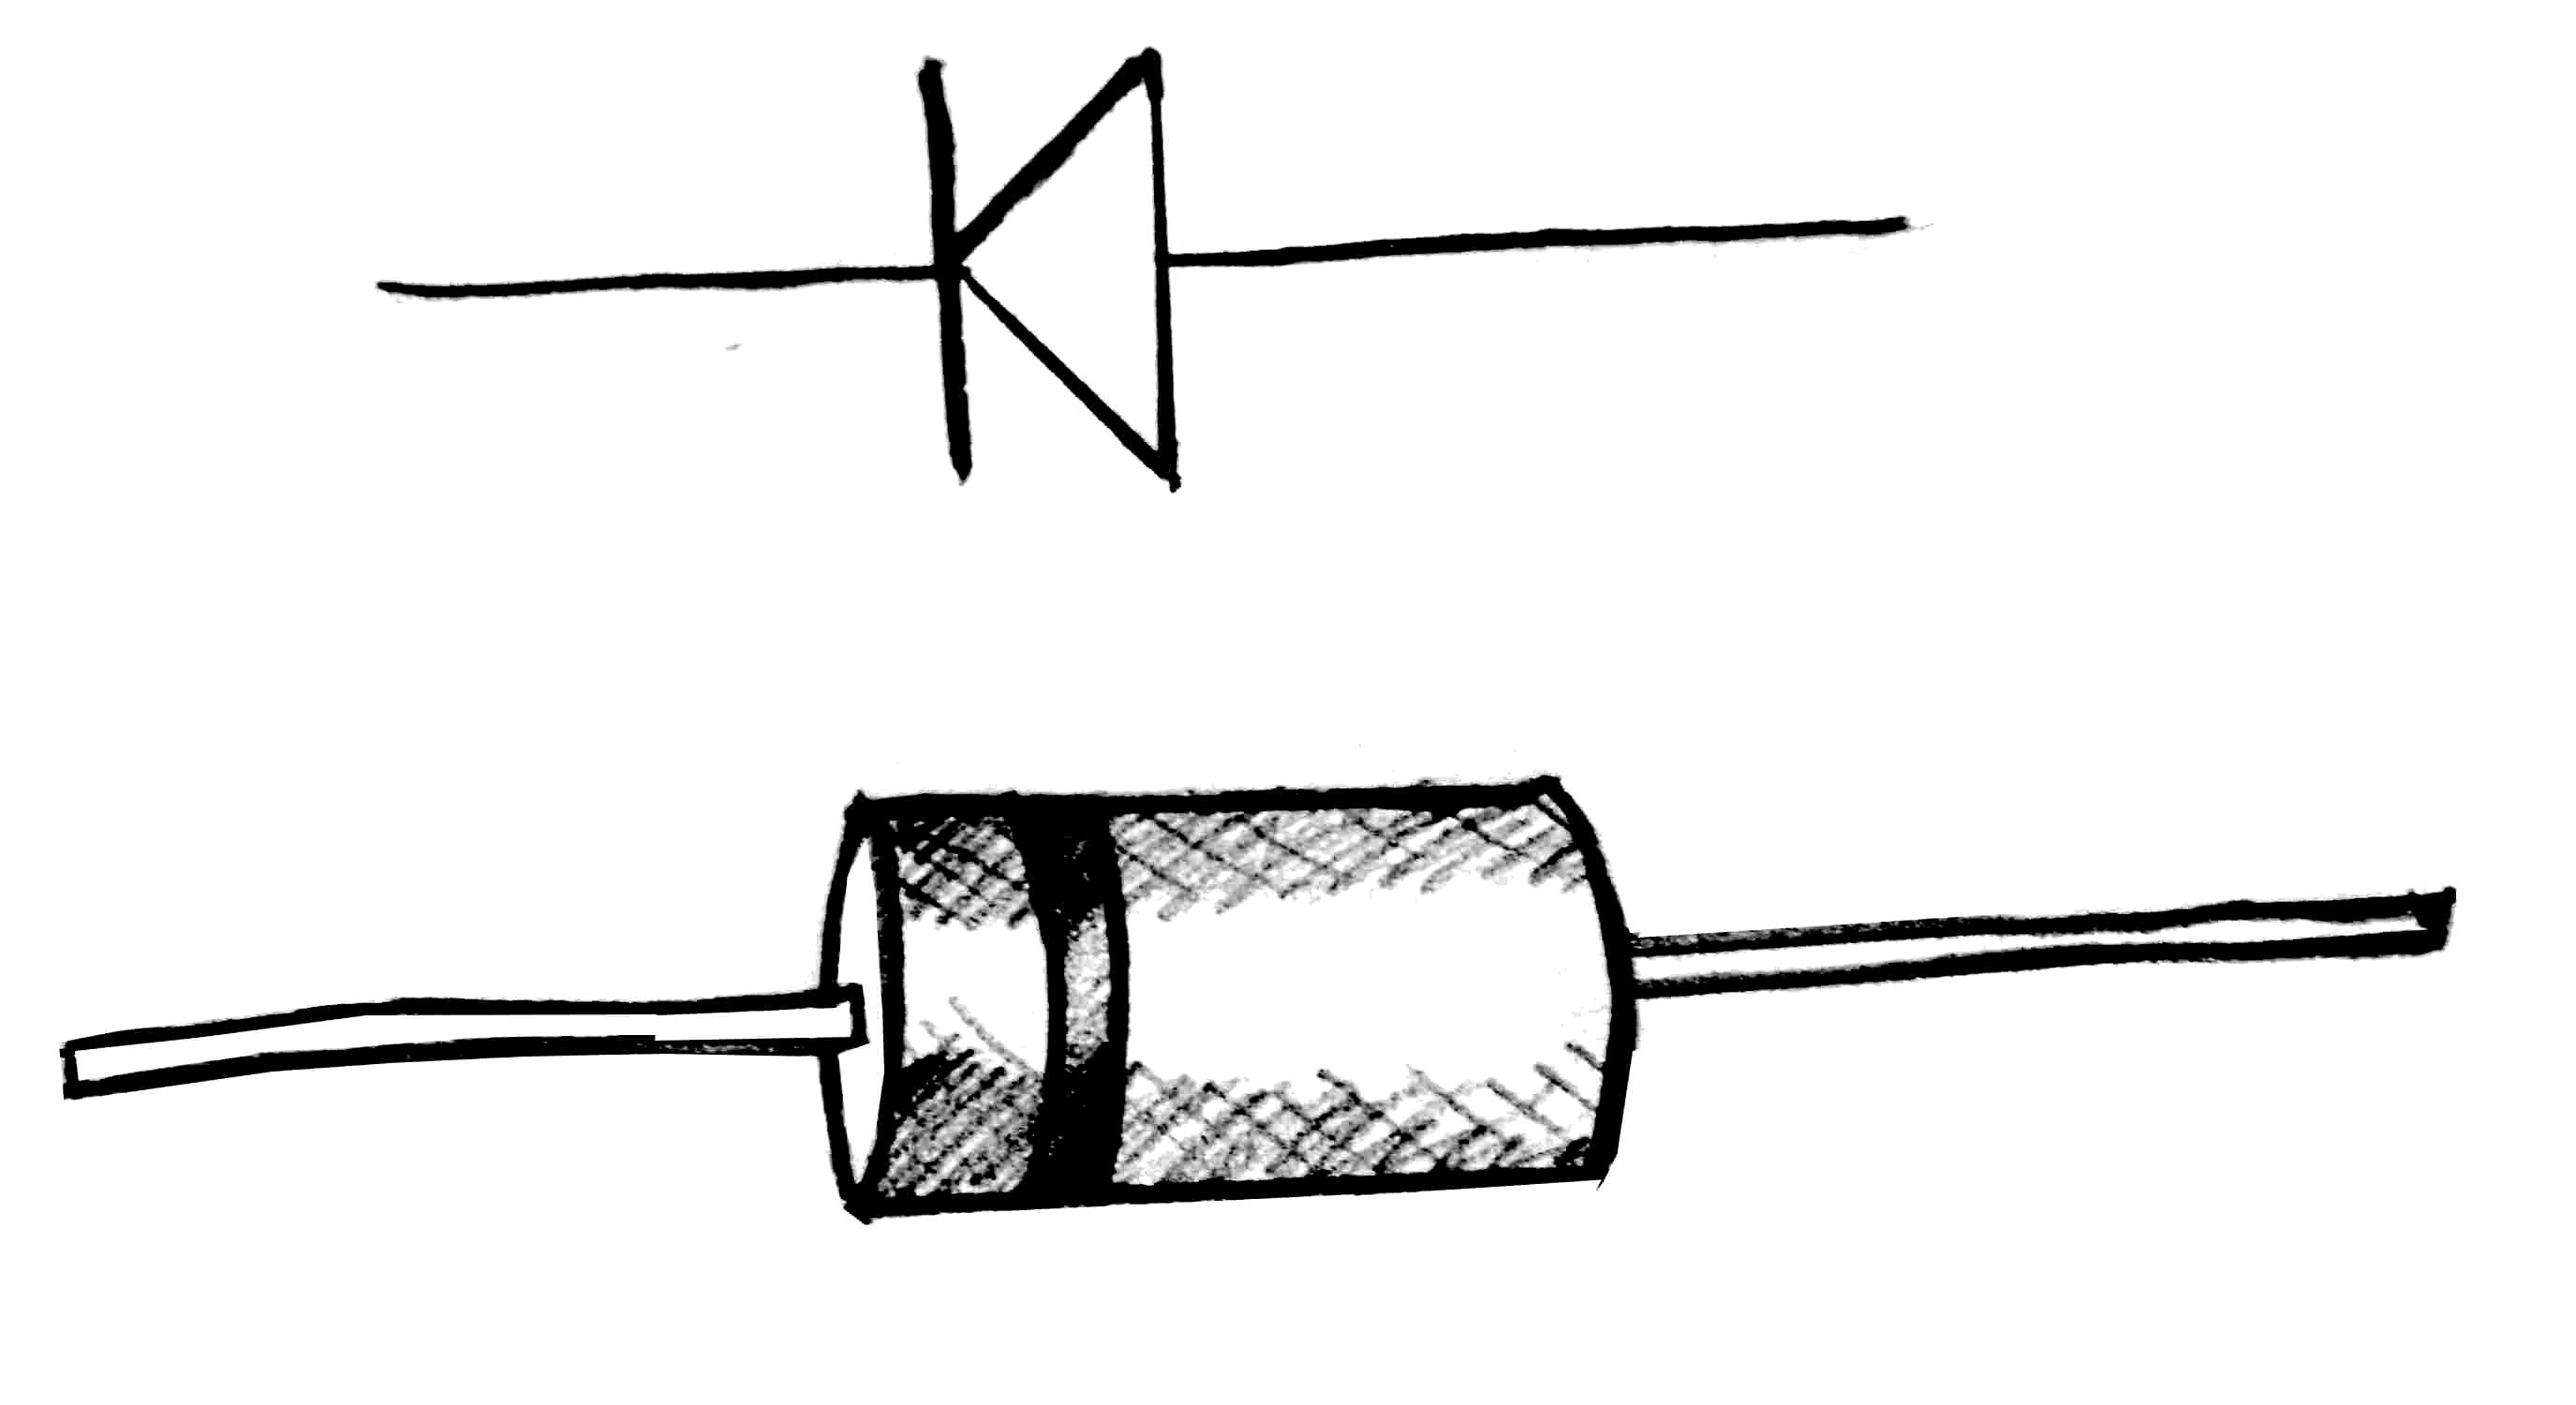 Circuit Symbol For Zener Diode